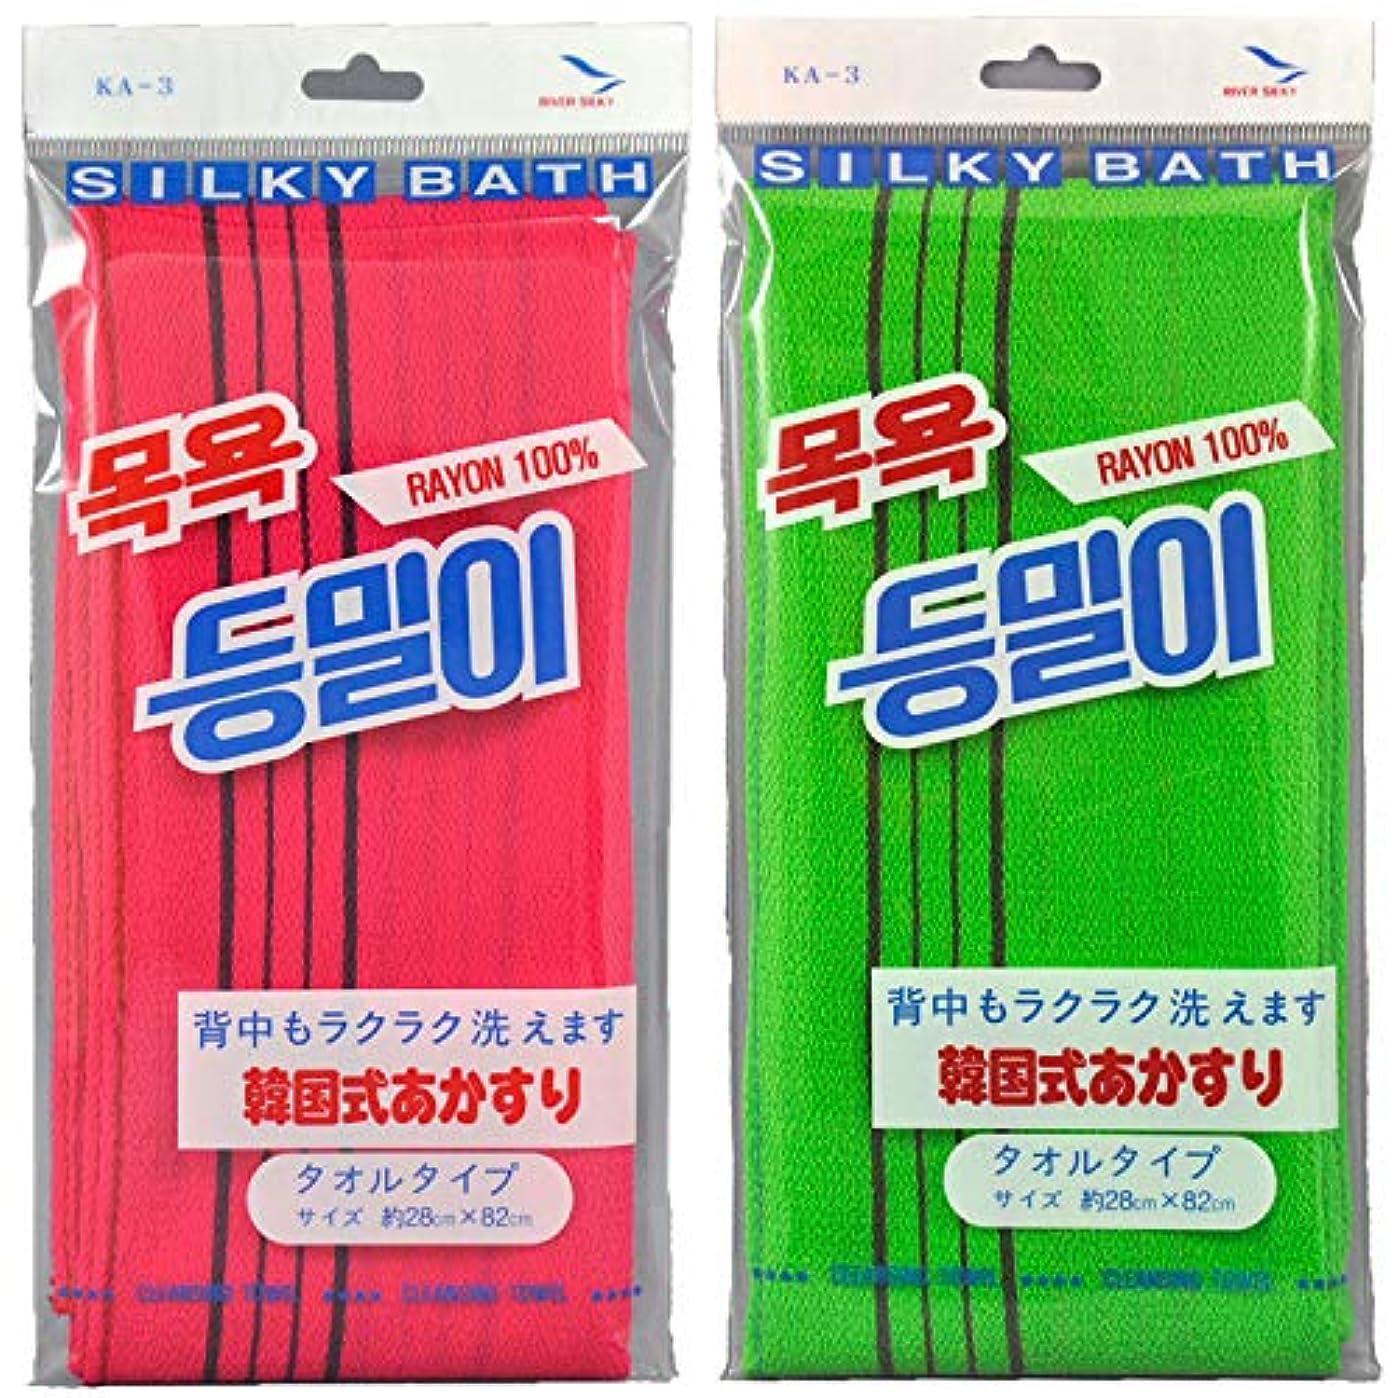 費用イーウェルブレークキヌガワカンパニー ボディタオル グリーン/レッド - 韓国発 韓国式あかすり タオル 2色組 KA-3 2色入